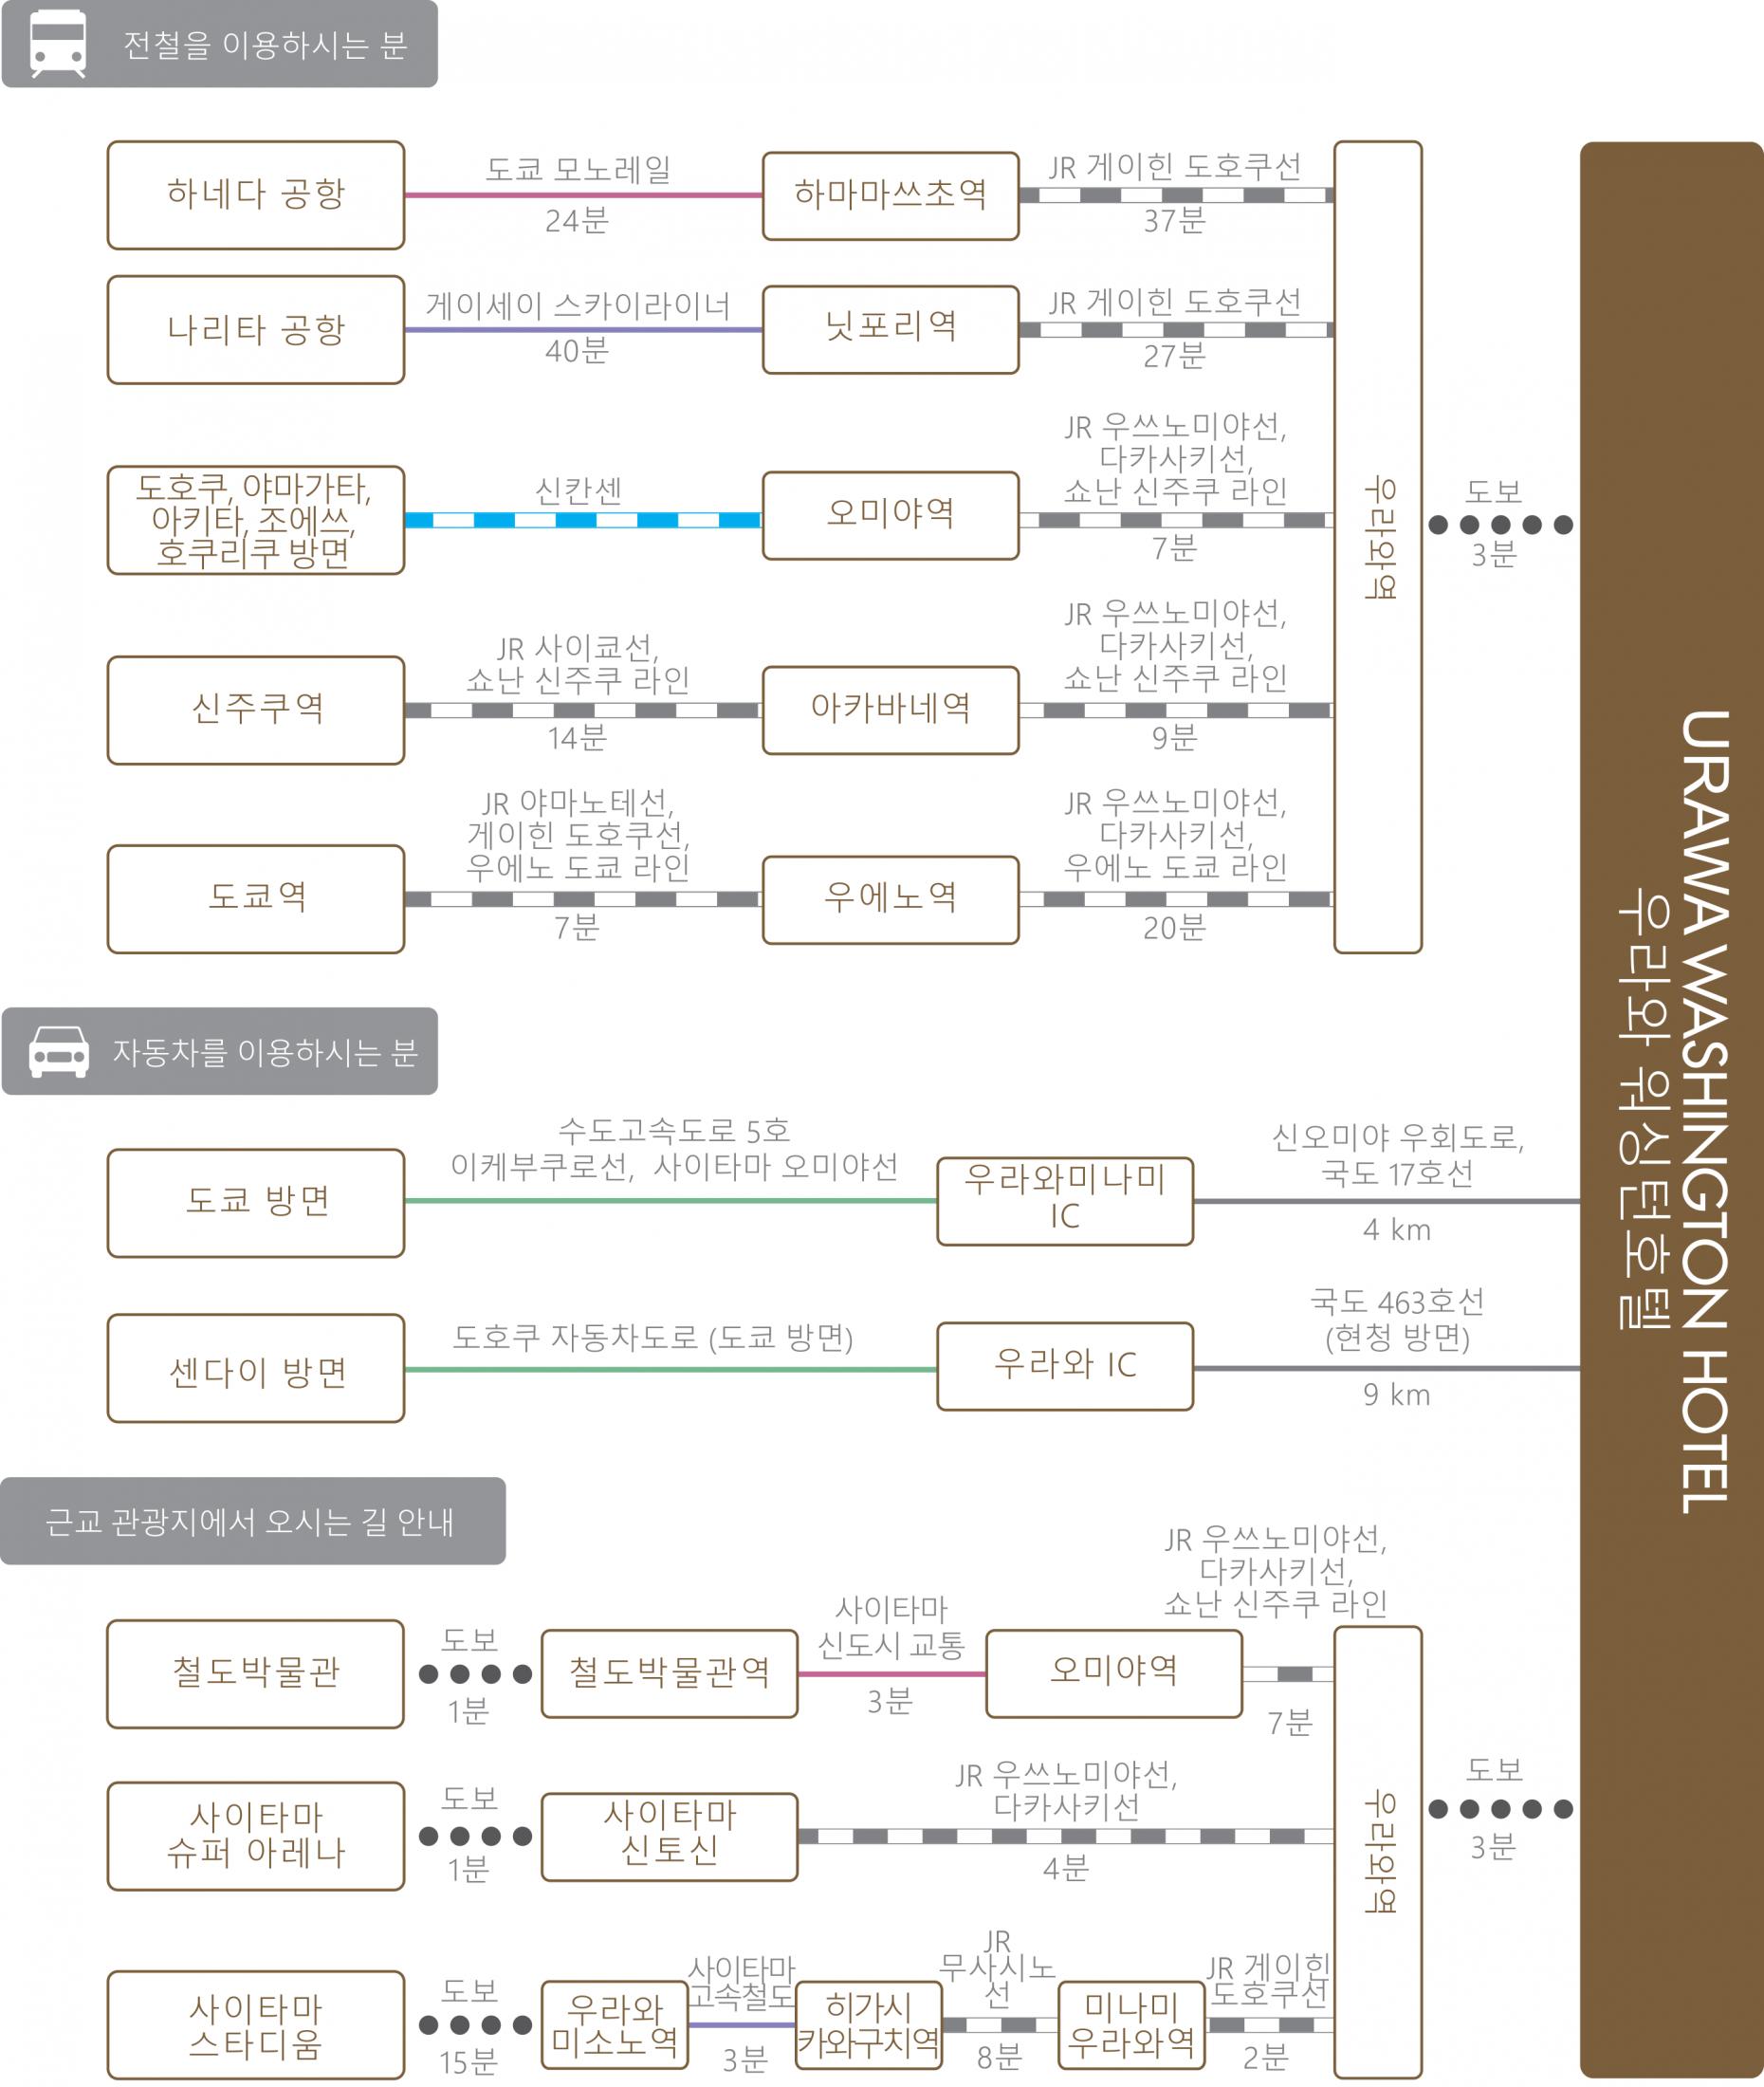 chart_kor_urawa_wh